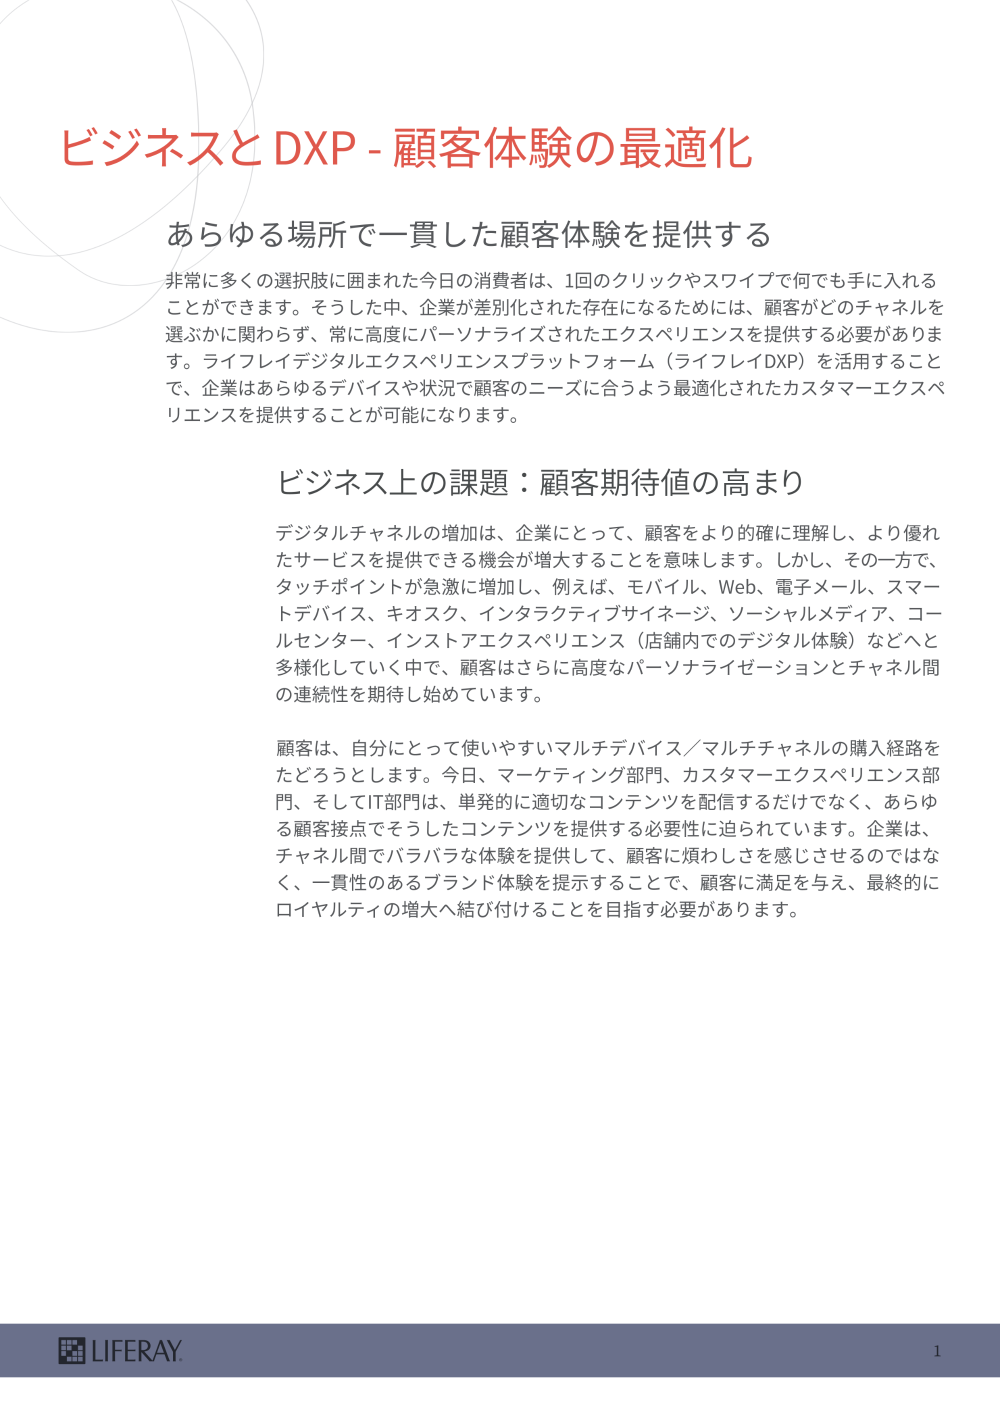 資料1ページ目のサムネイル